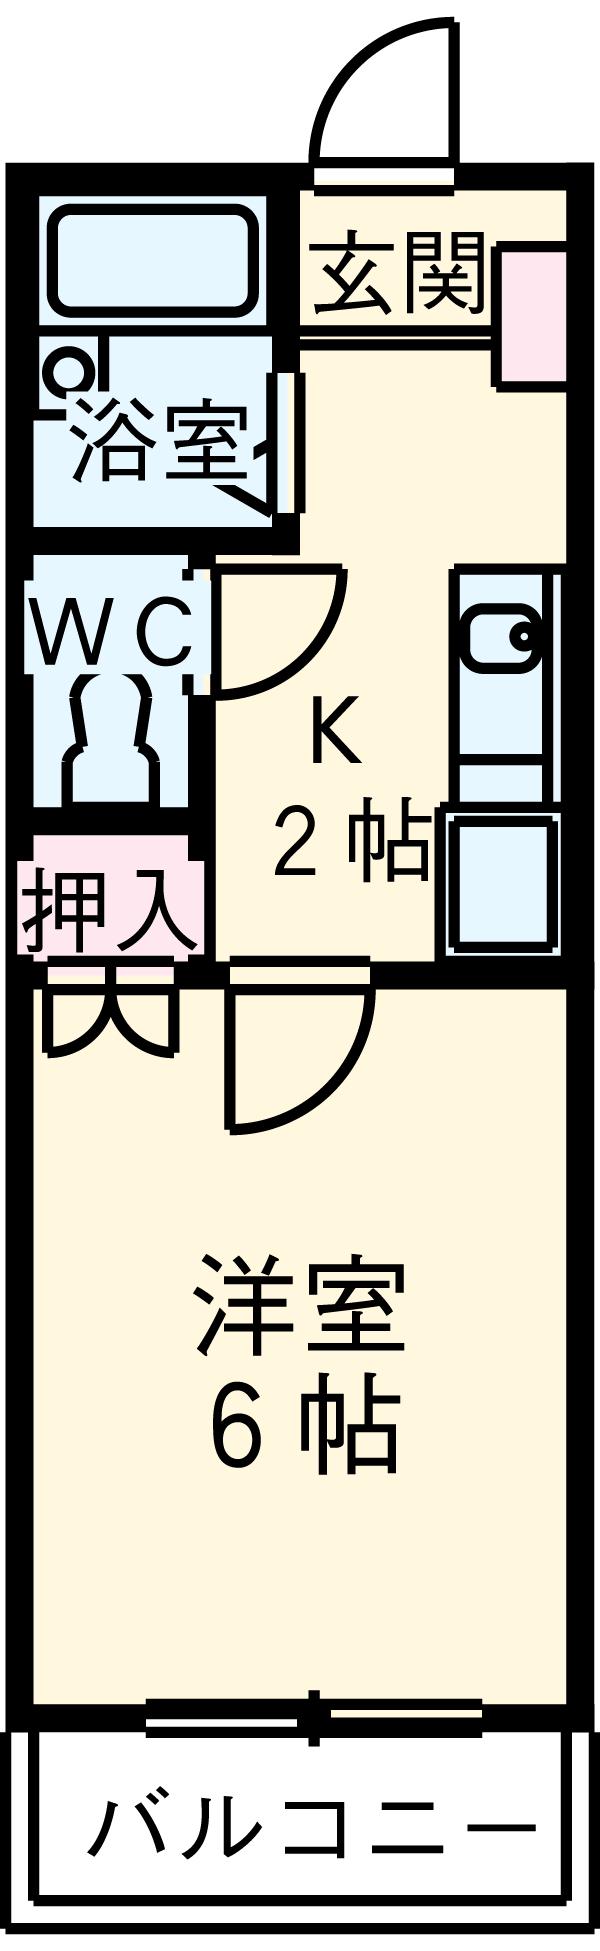 CBドリーム関山Ⅱ・202号室の間取り